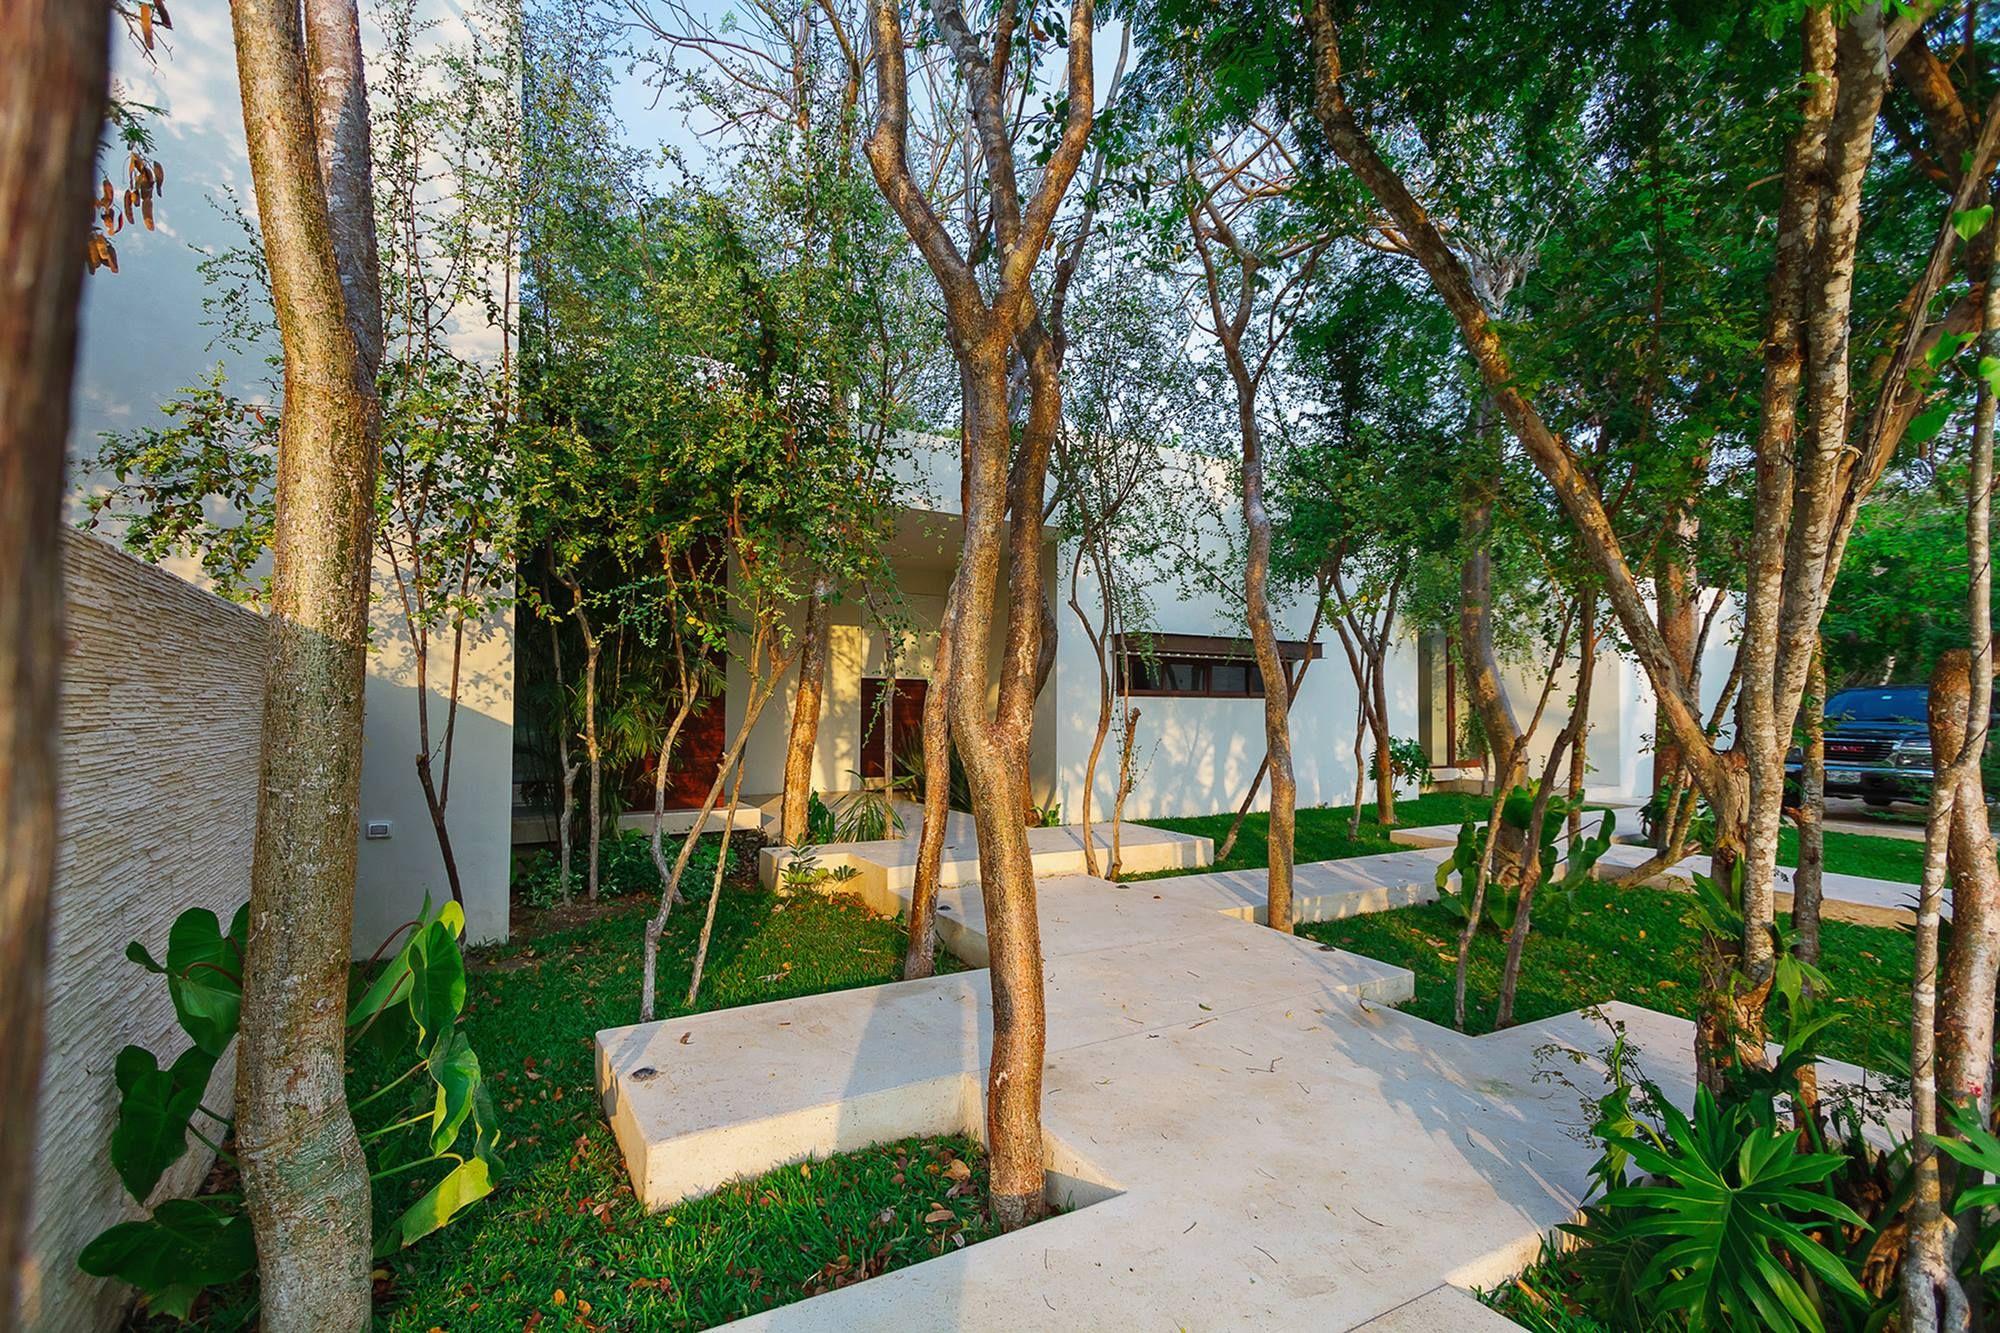 forest yard | yard | pinterest | wald und höfe, Gartengerate ideen